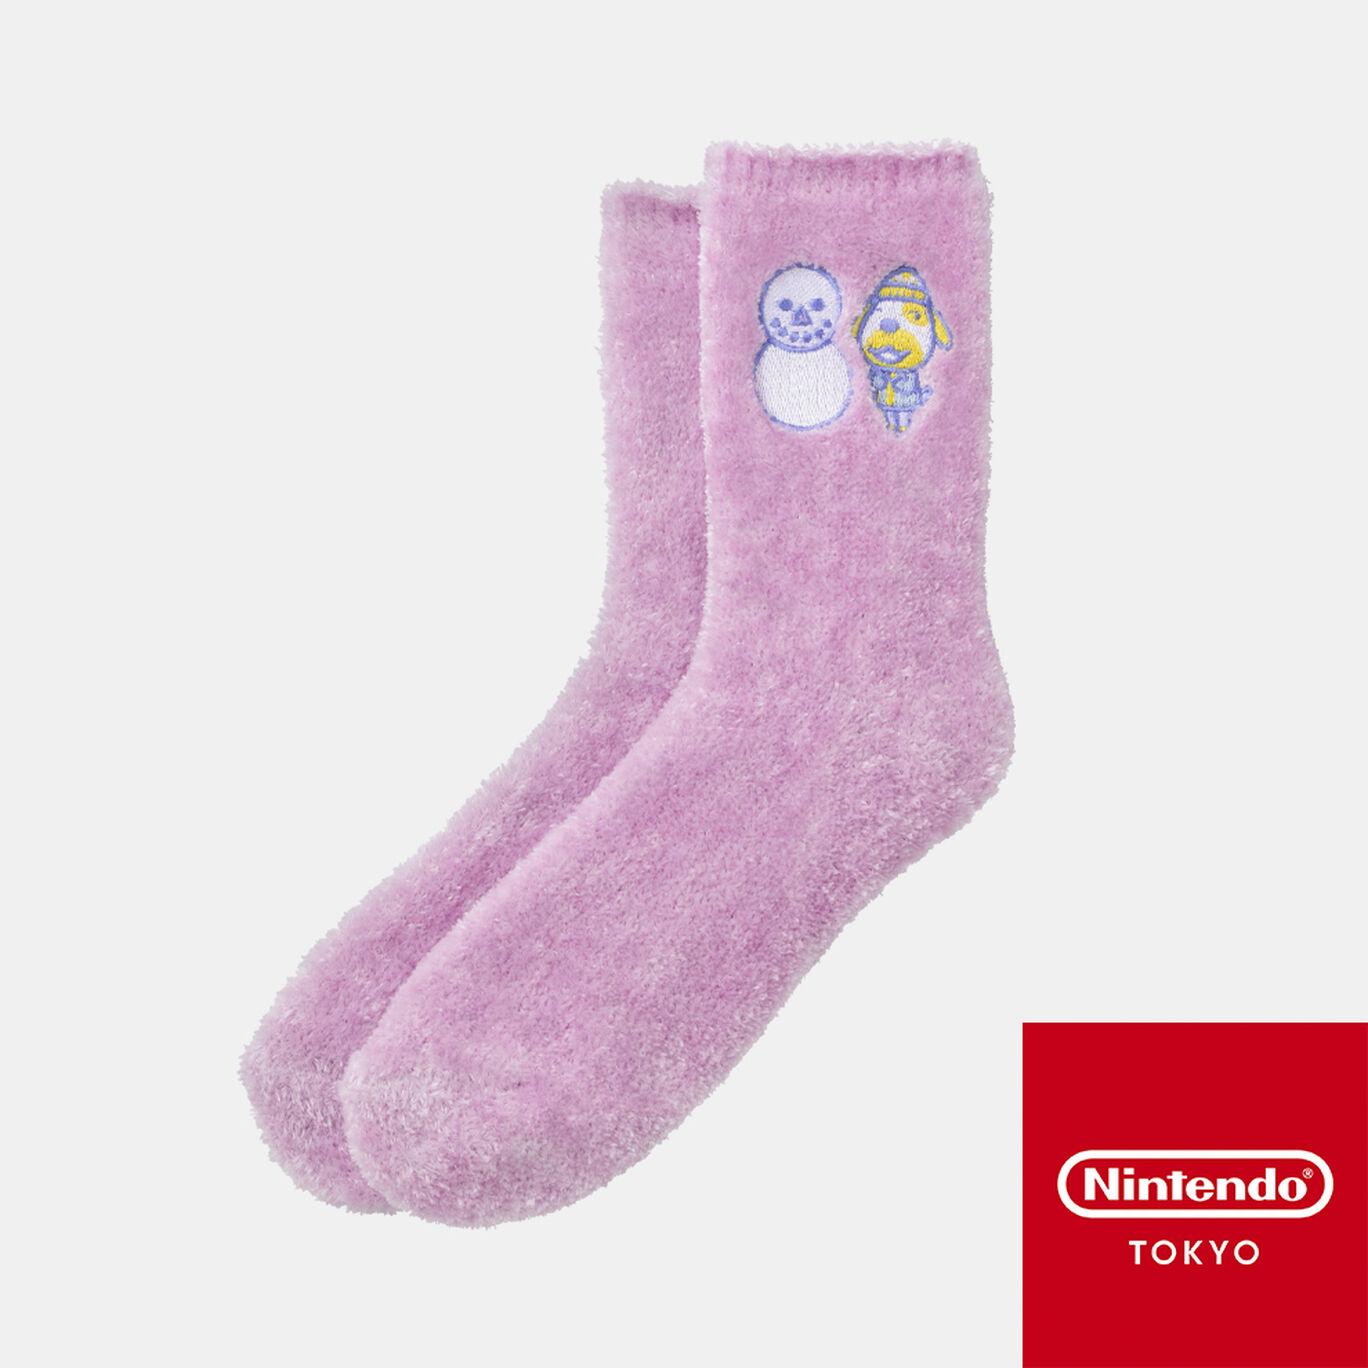 【新商品】ルームソックス ラベンダー どうぶつの森【Nintendo TOKYO取り扱い商品】